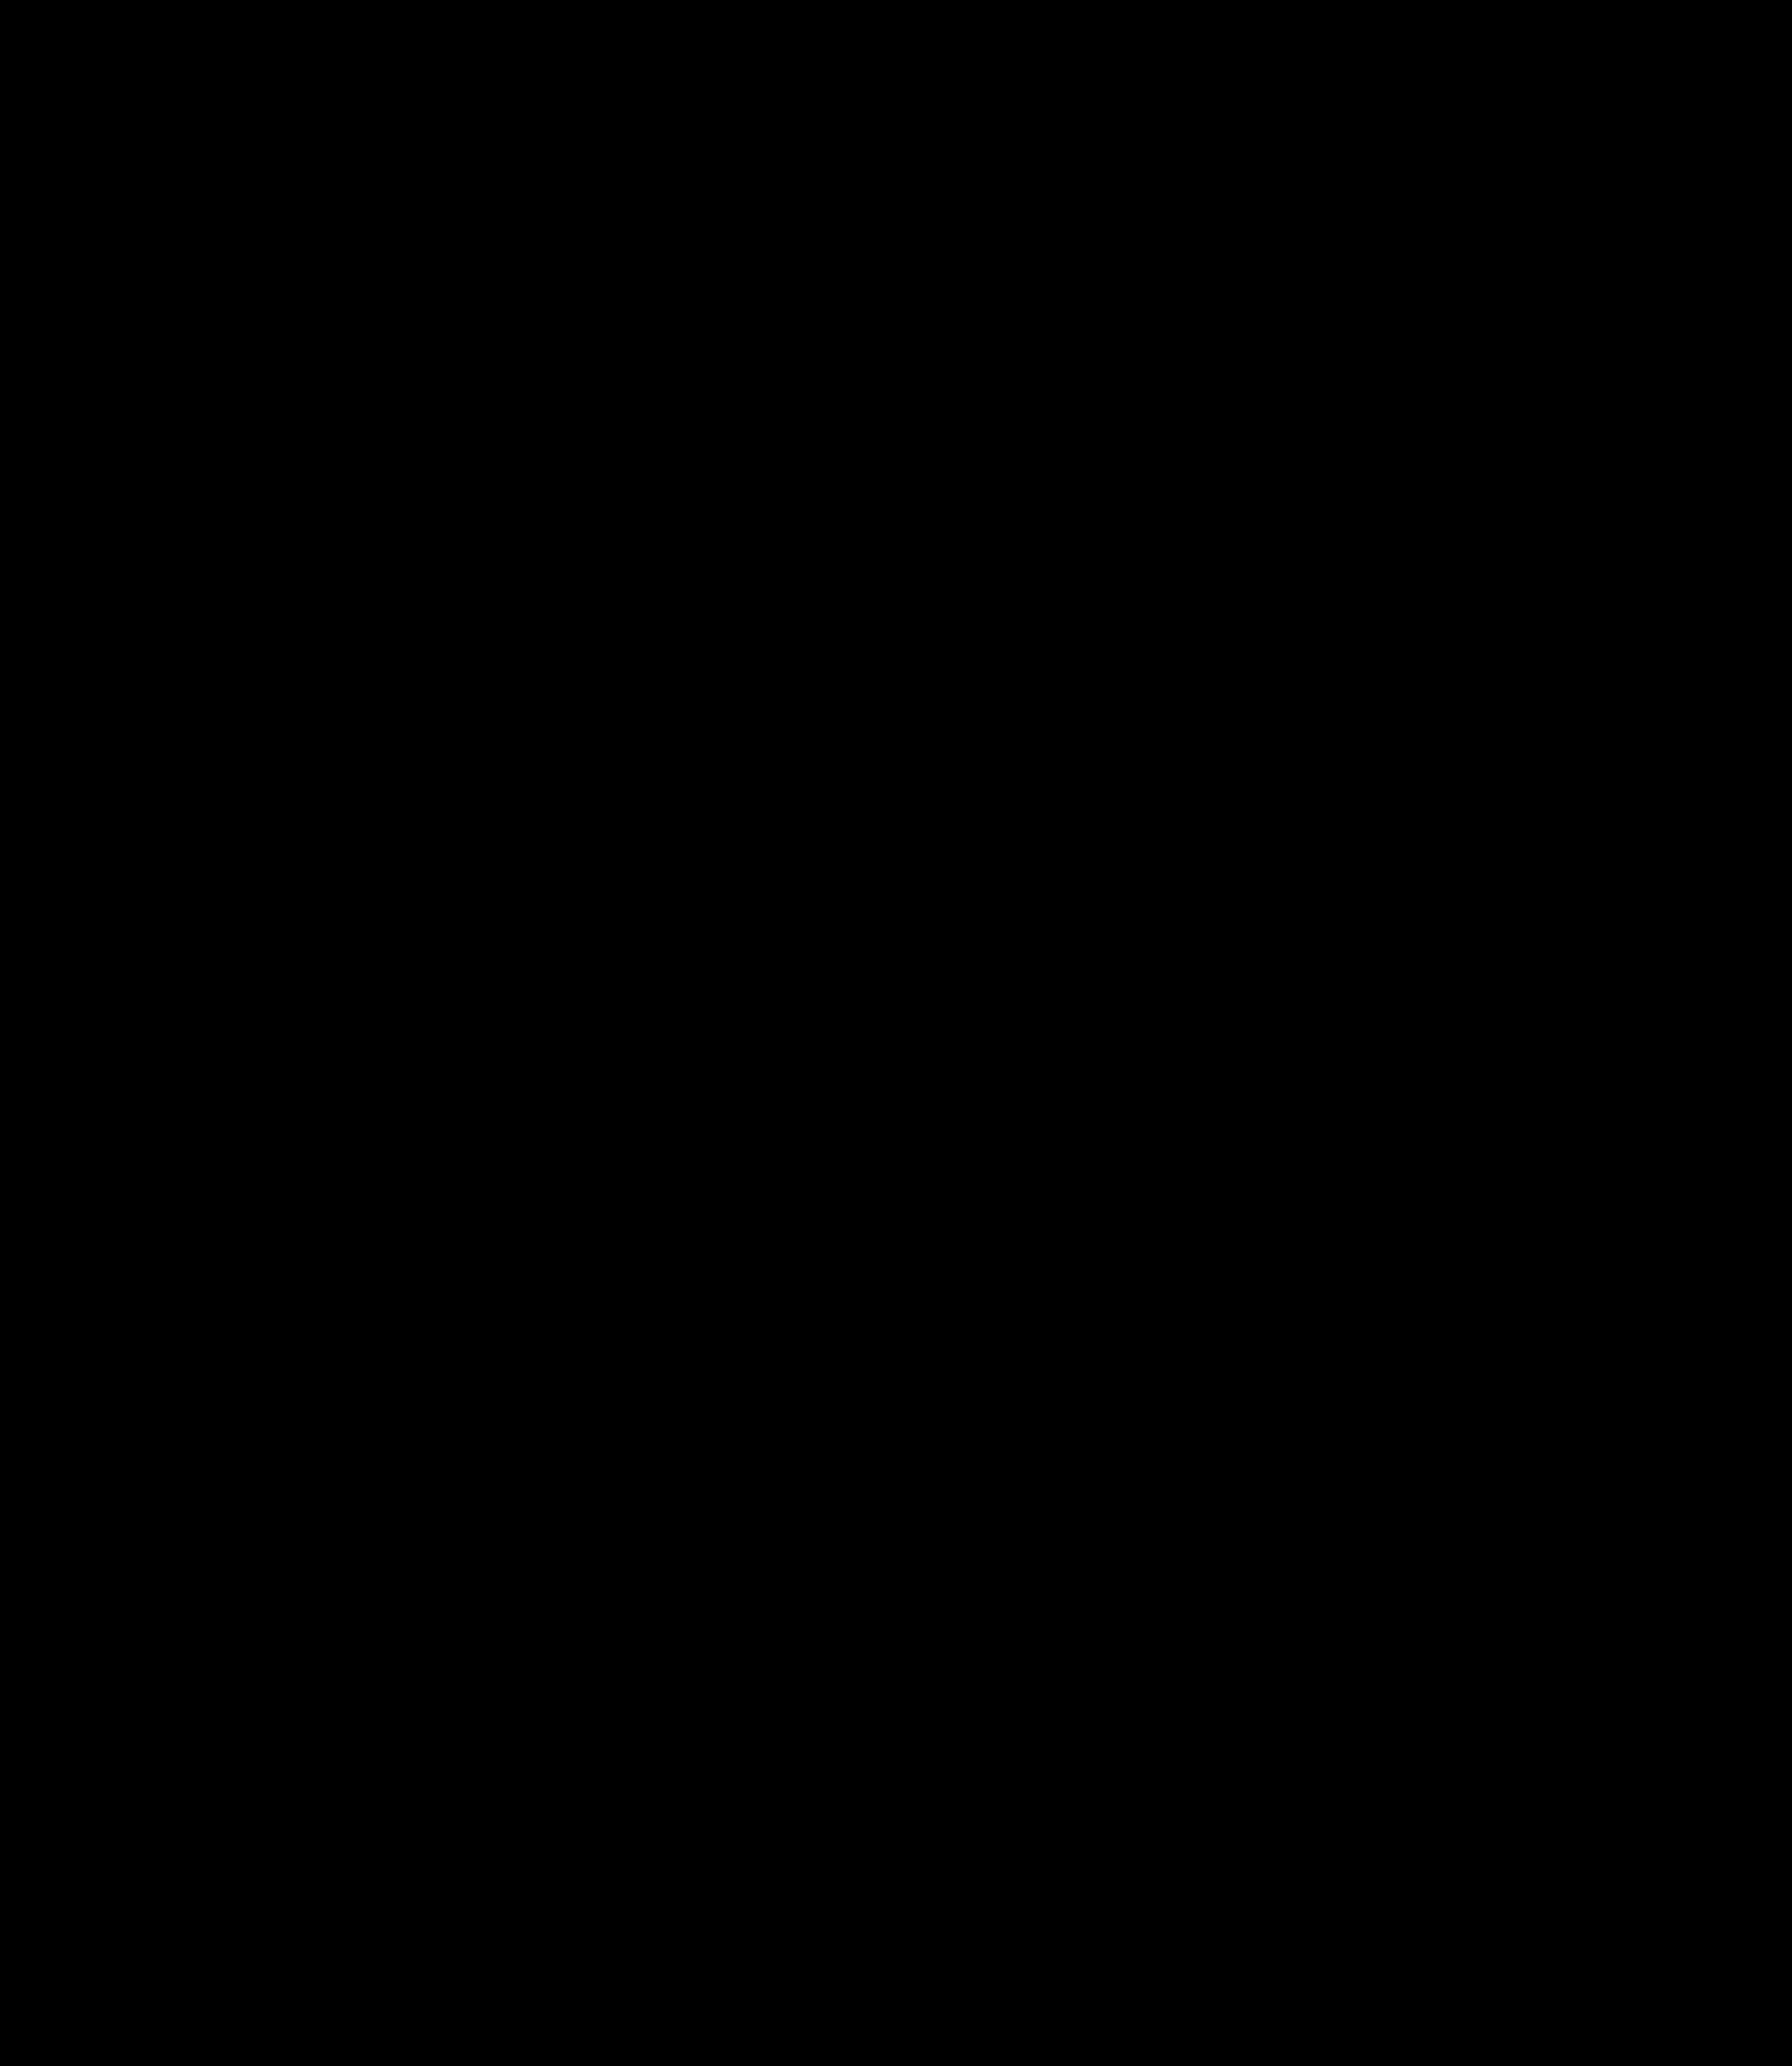 Vermeer_670,_girl_with_a_pearl_earringg (8195×9449) Johannes Vermeer